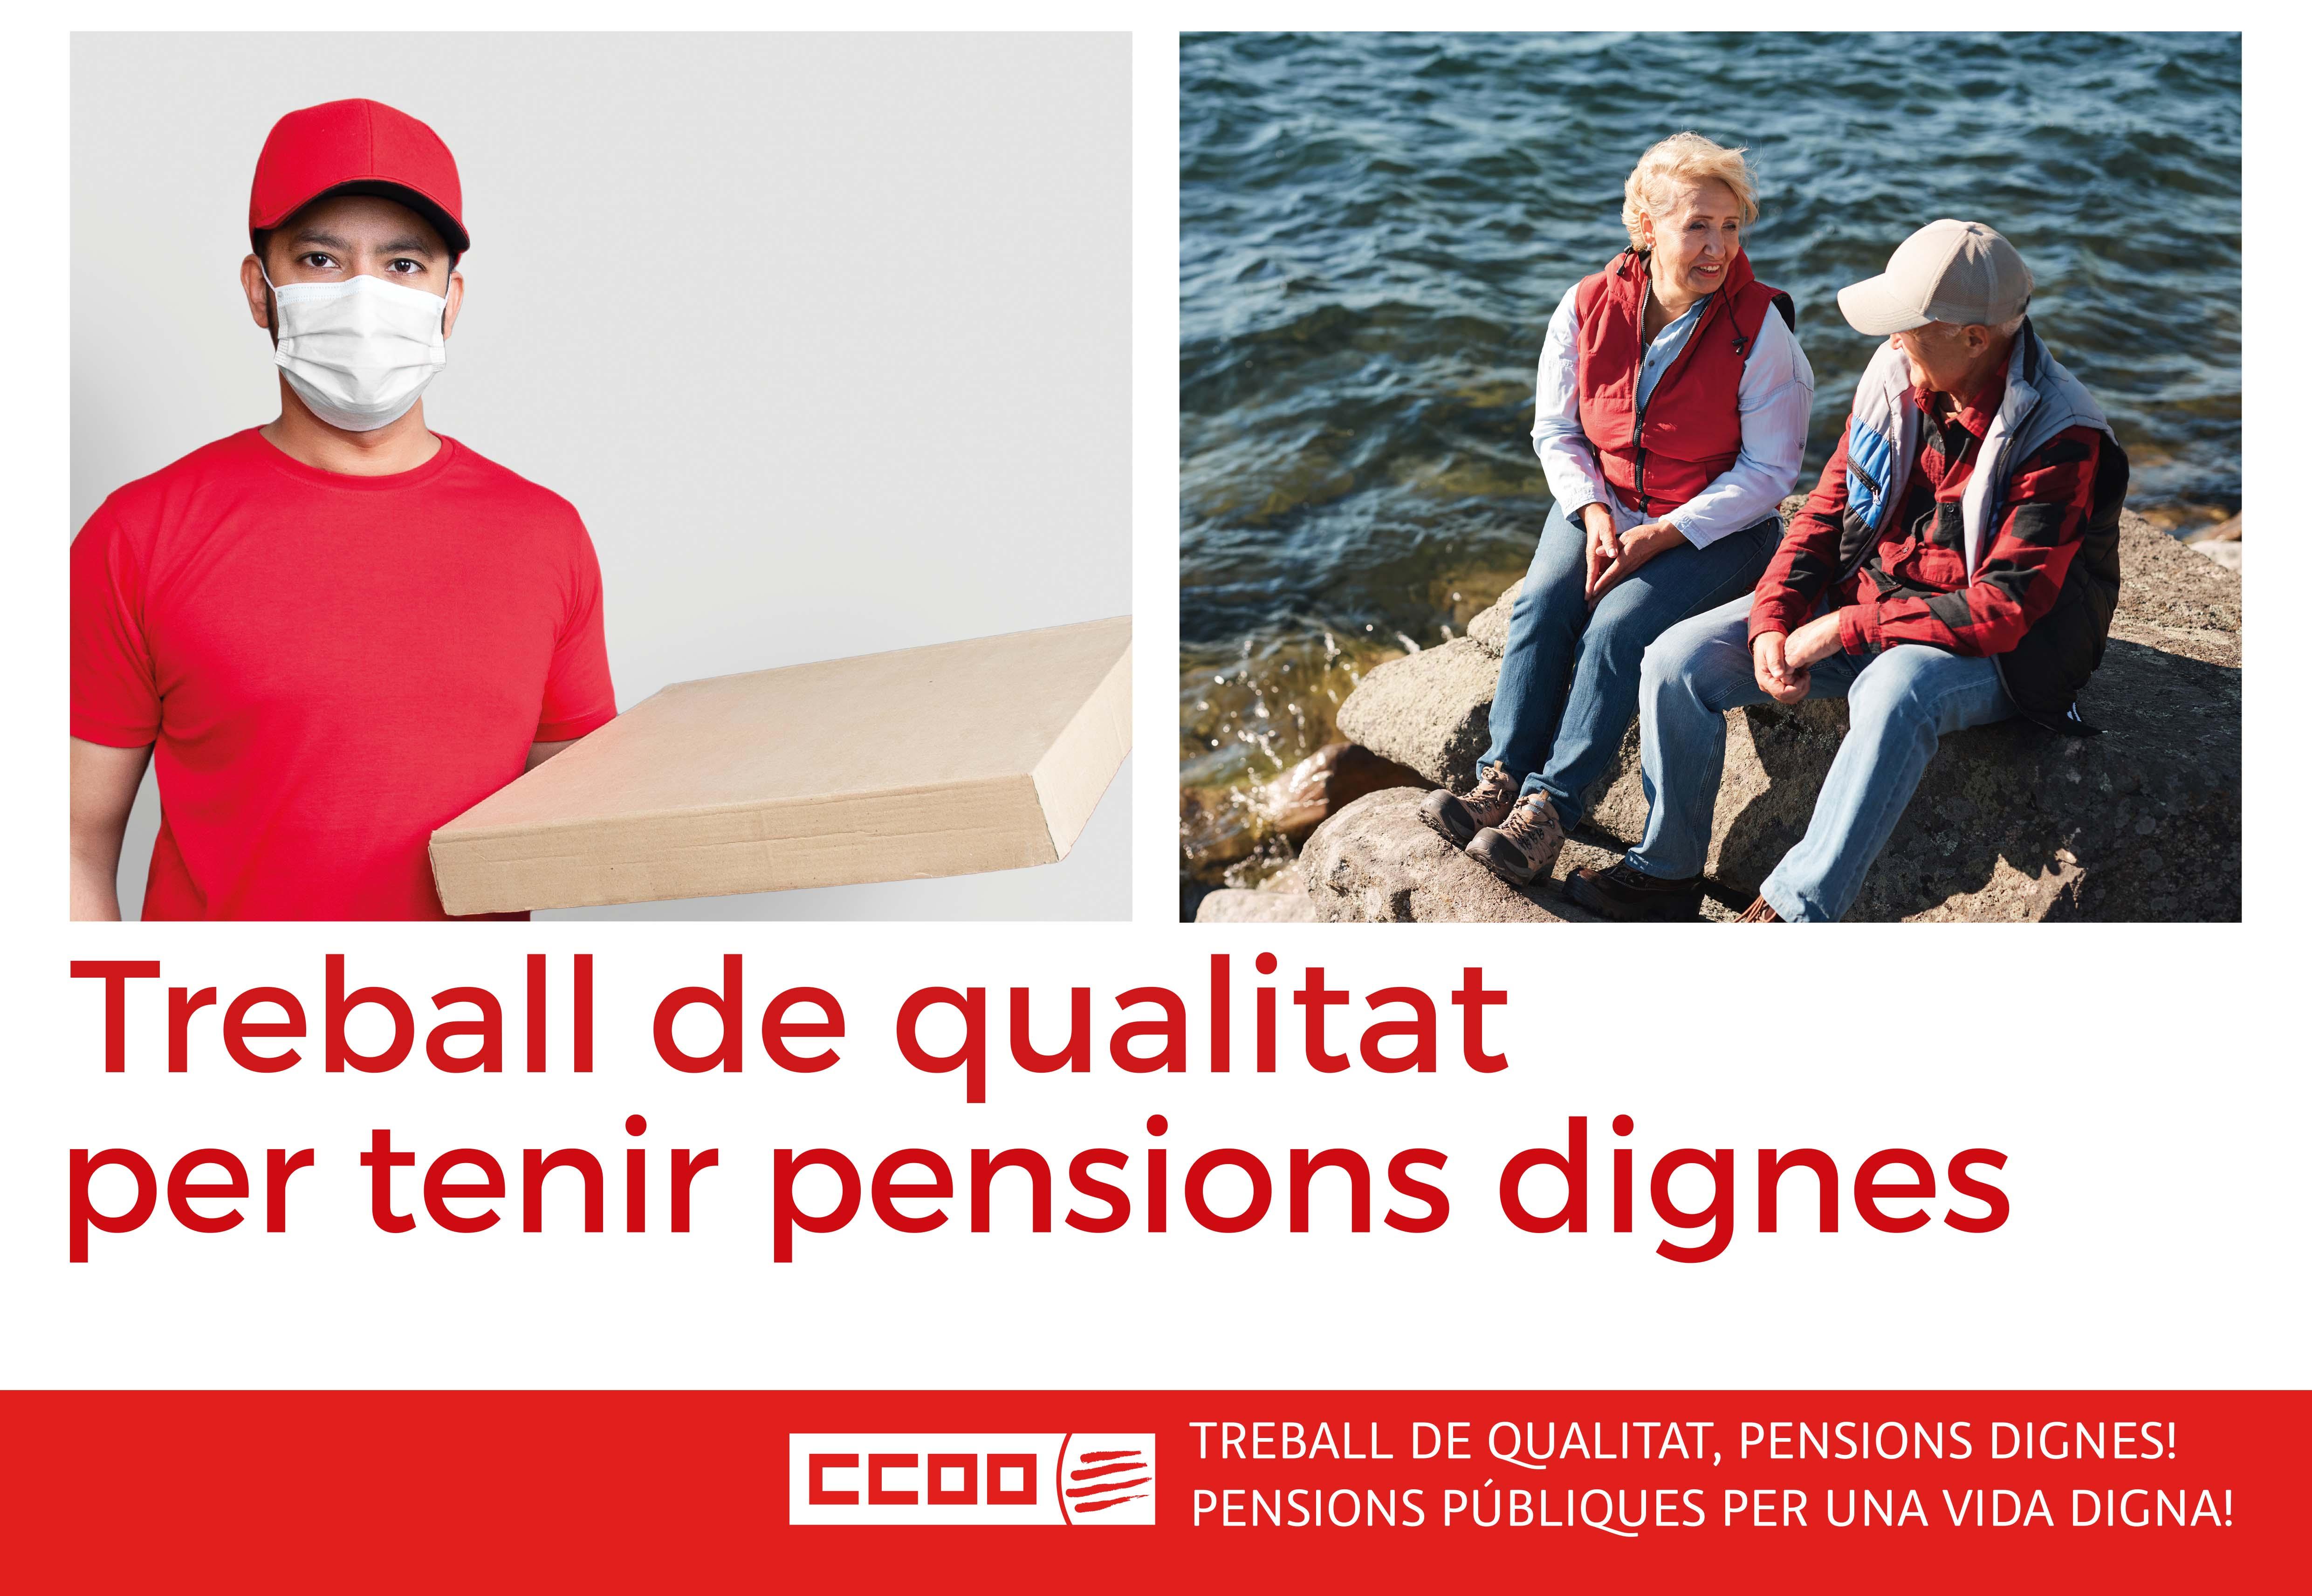 Treball de qualitat per tenir pensions dignes